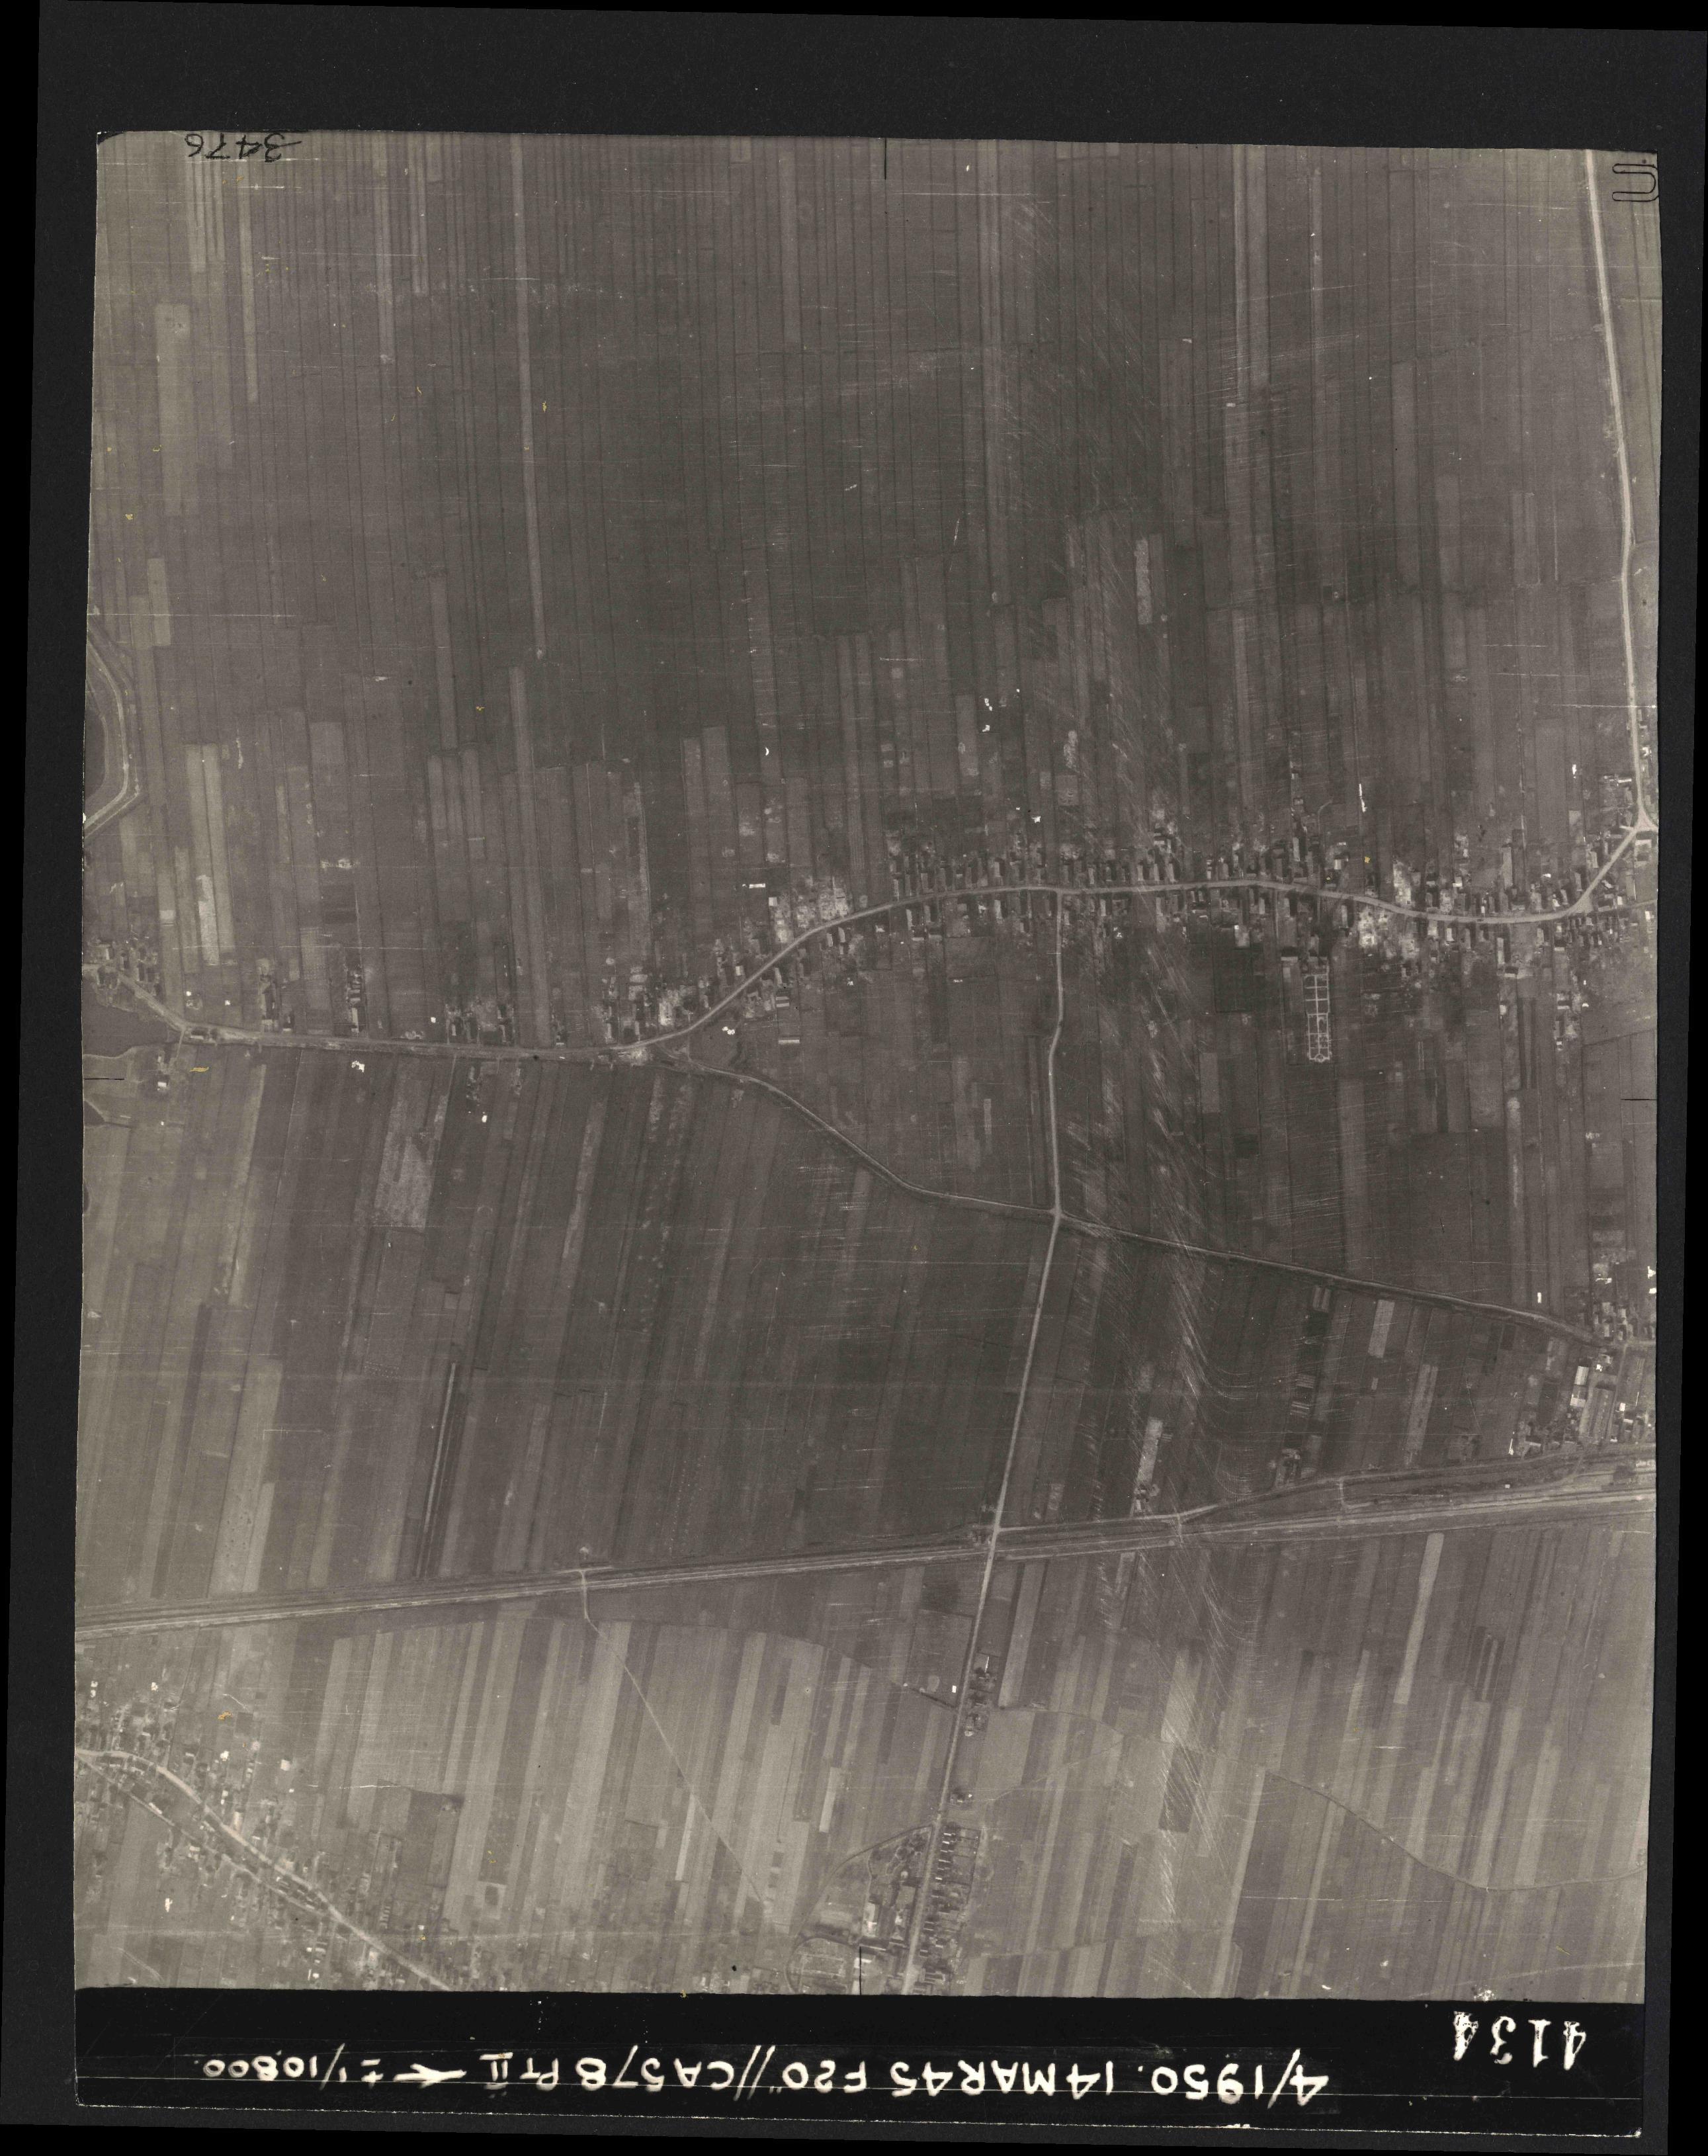 Collection RAF aerial photos 1940-1945 - flight 010, run 10, photo 4134